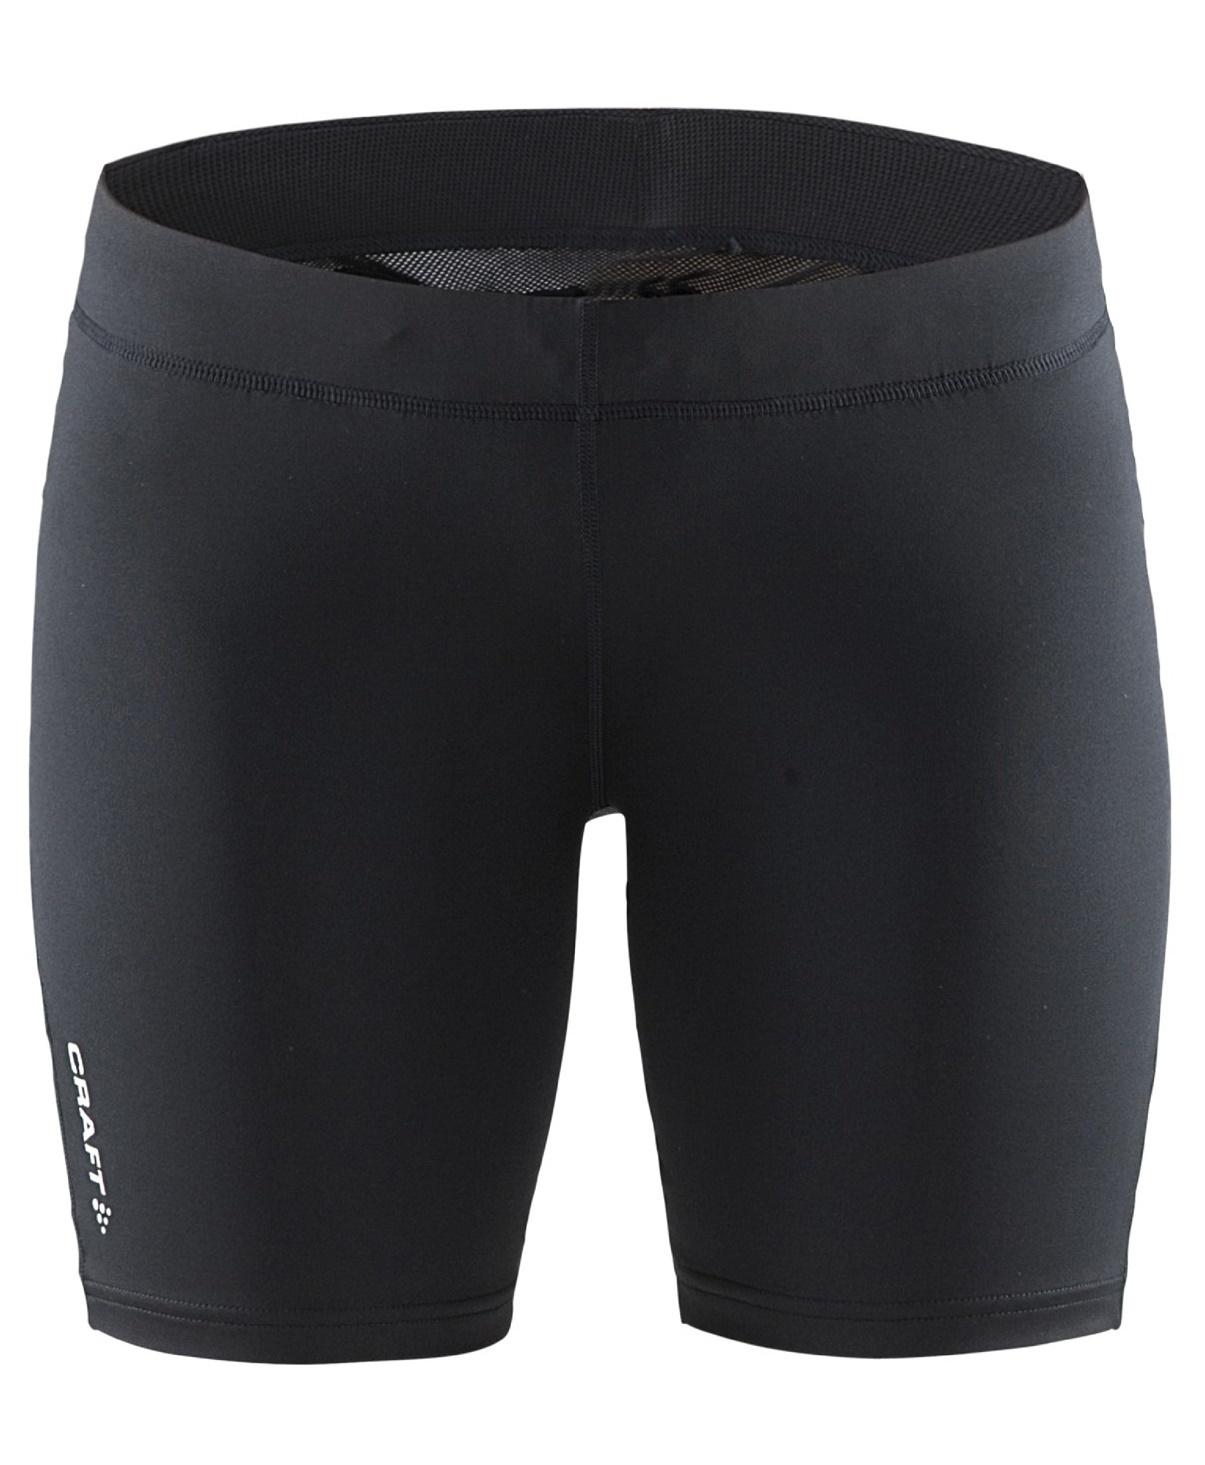 Женские спортивные шорты Craft Devotion Run (1903195-9999) черный